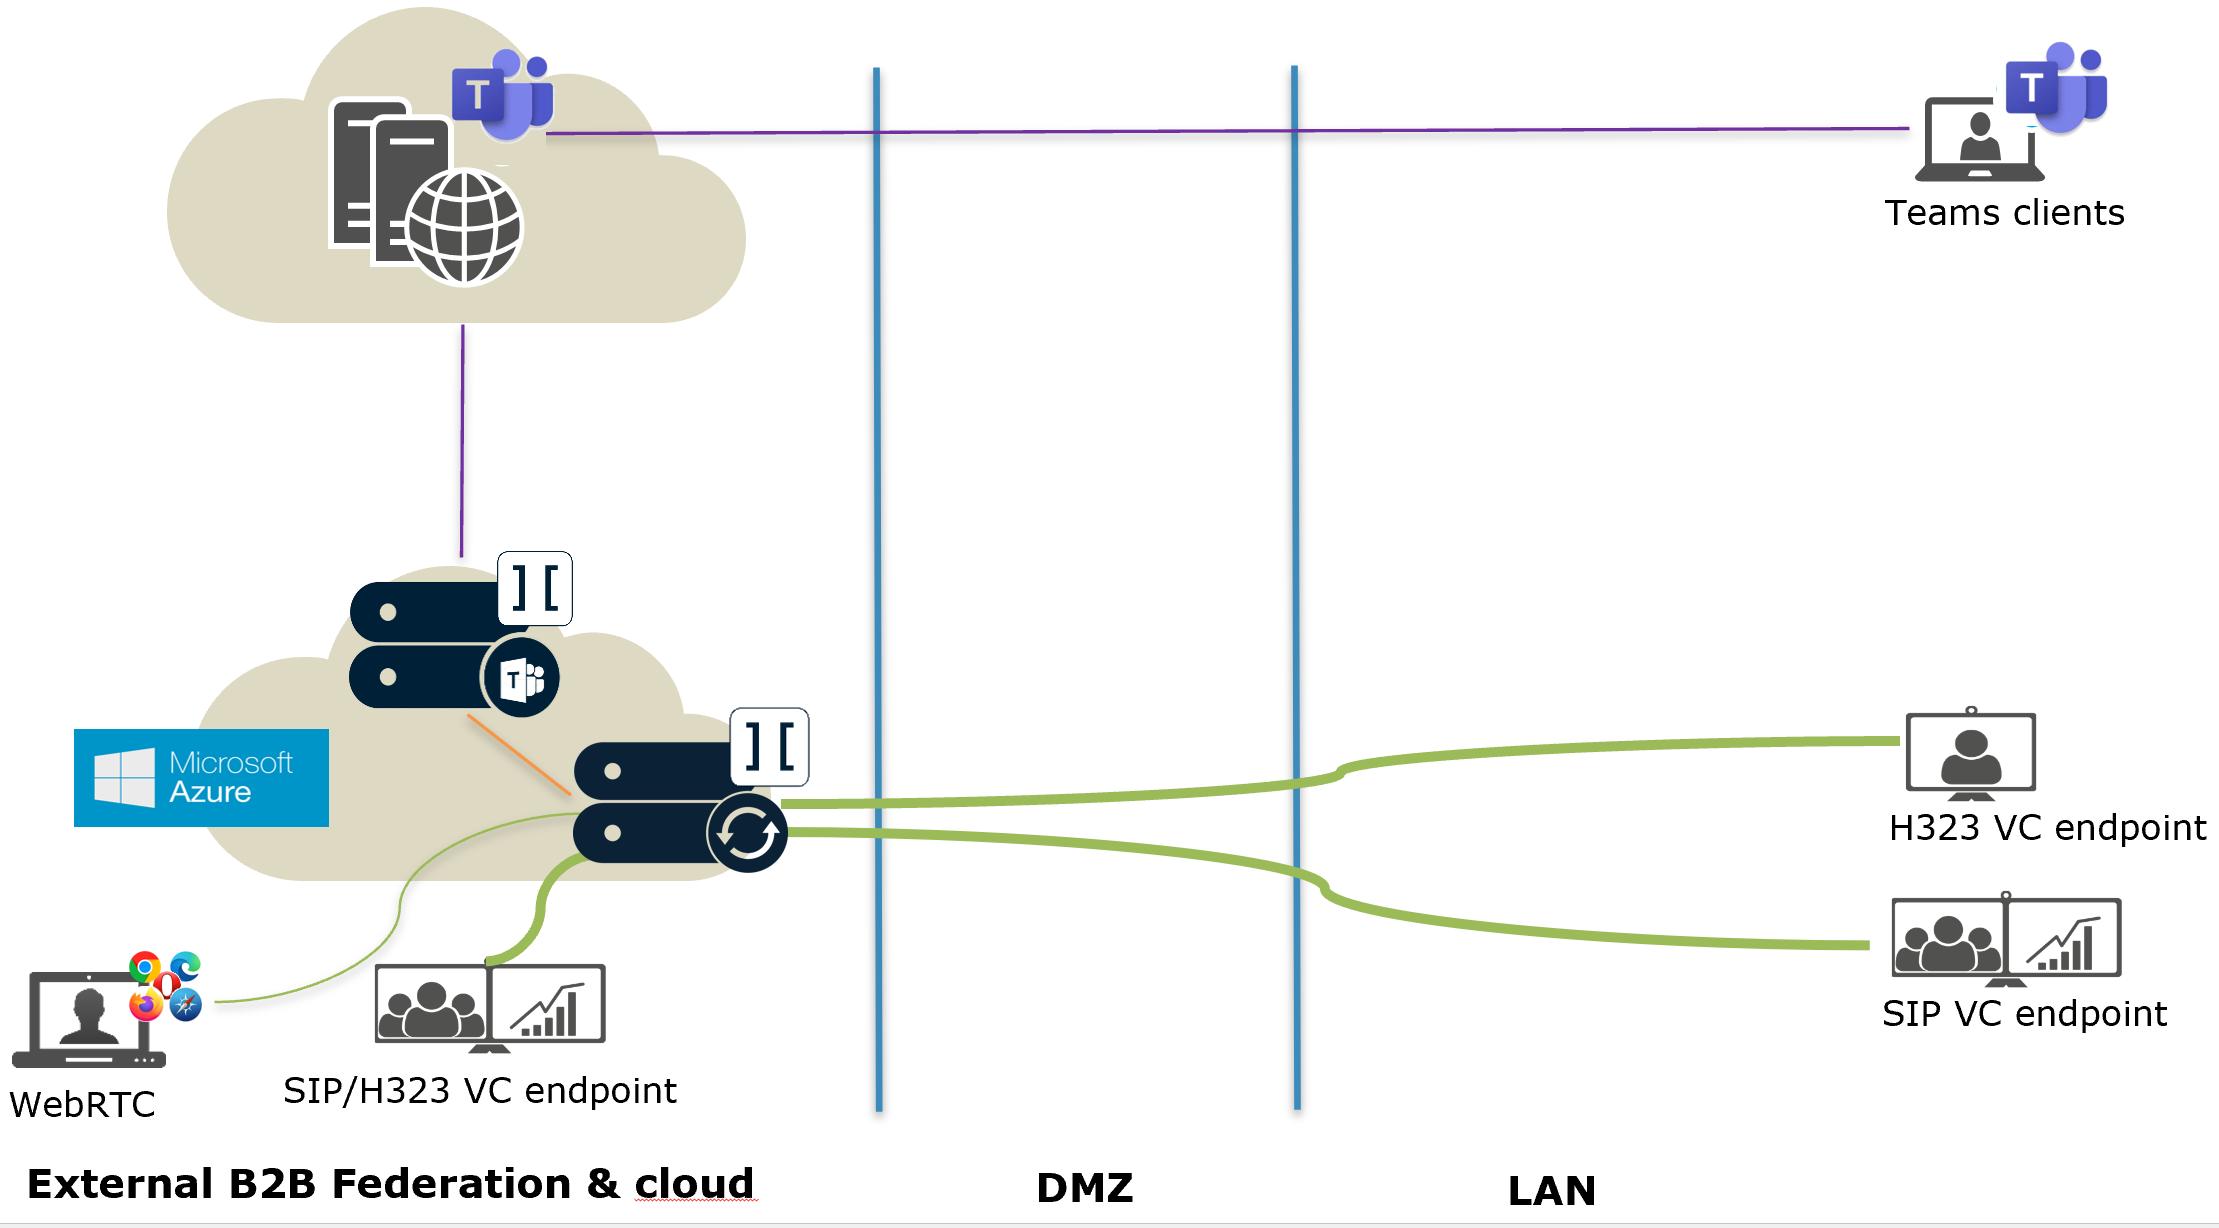 Ports firewall VMware Ports